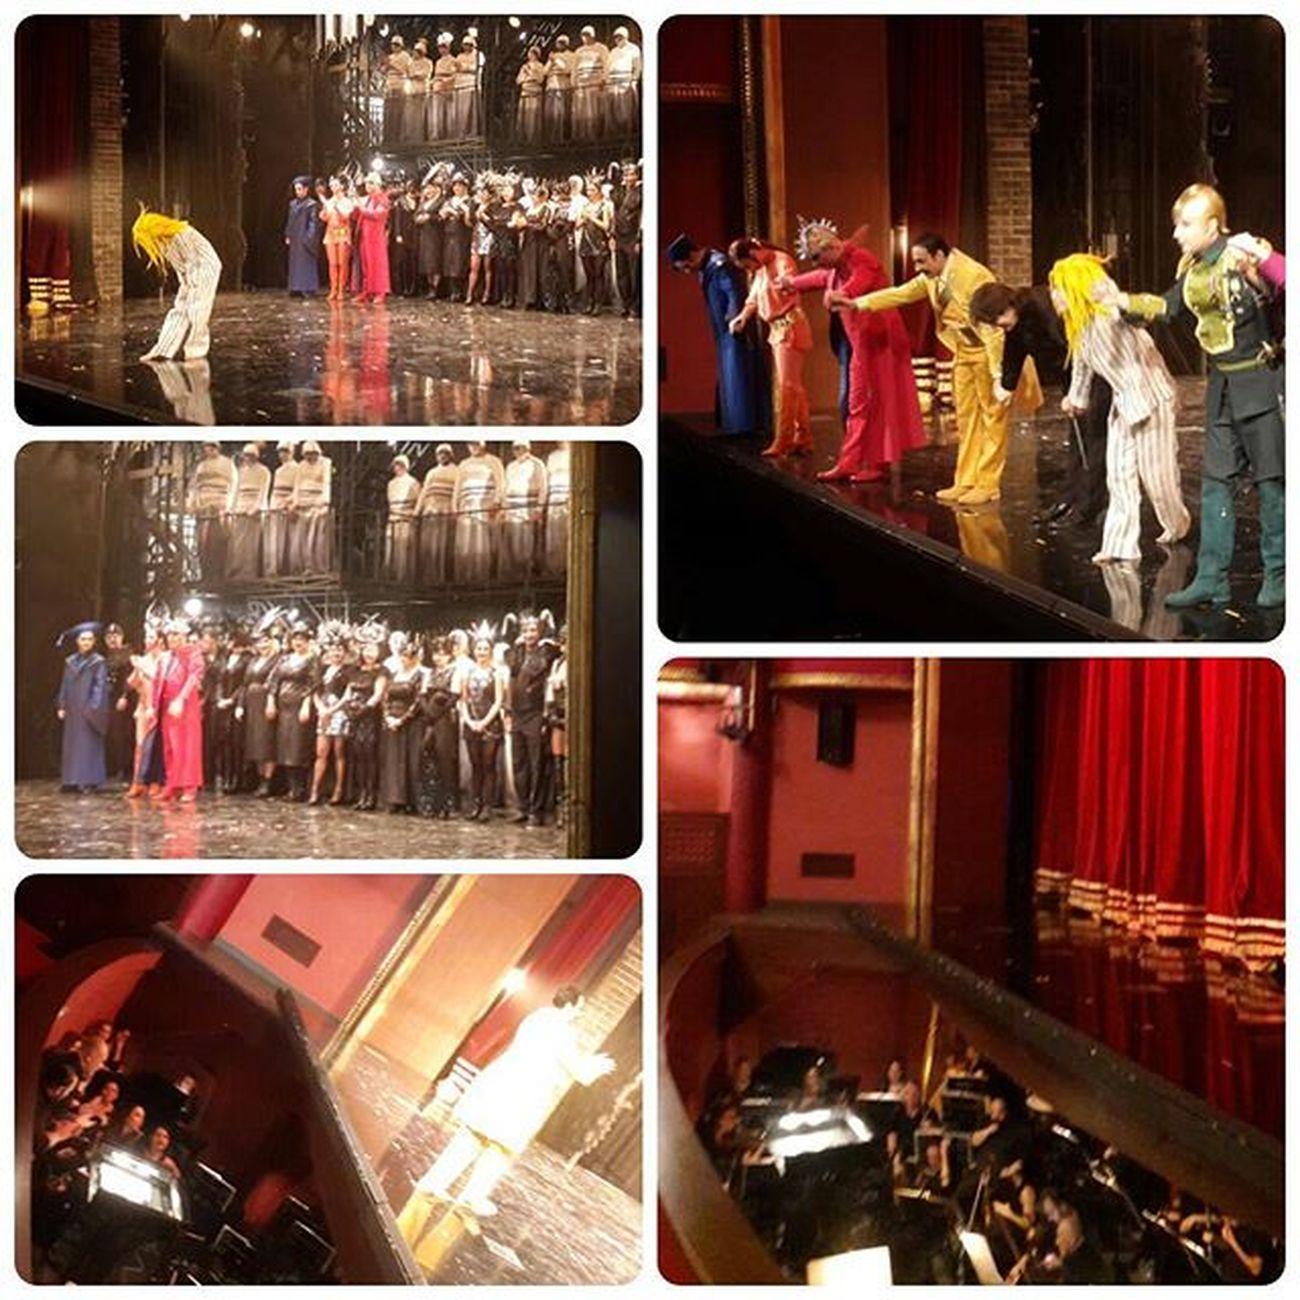 Alkışlayanlar ve alkışlananlar...Büyük emekle sahneye koyulmuş bir eser...Faust 🎵🎺🎻🎶😊💞Emeği geçen herkese teşekkürler Gounod Devletoperavebalesi Opéra Instaturkey Sureyyaoperasi Music Turkishfollowers Instaturkiye Turkinstagram Anilarinisakla Igturko Ig_turkey Classicalmusic Istanbuldevletoperavebalesi Instaopera İDOB